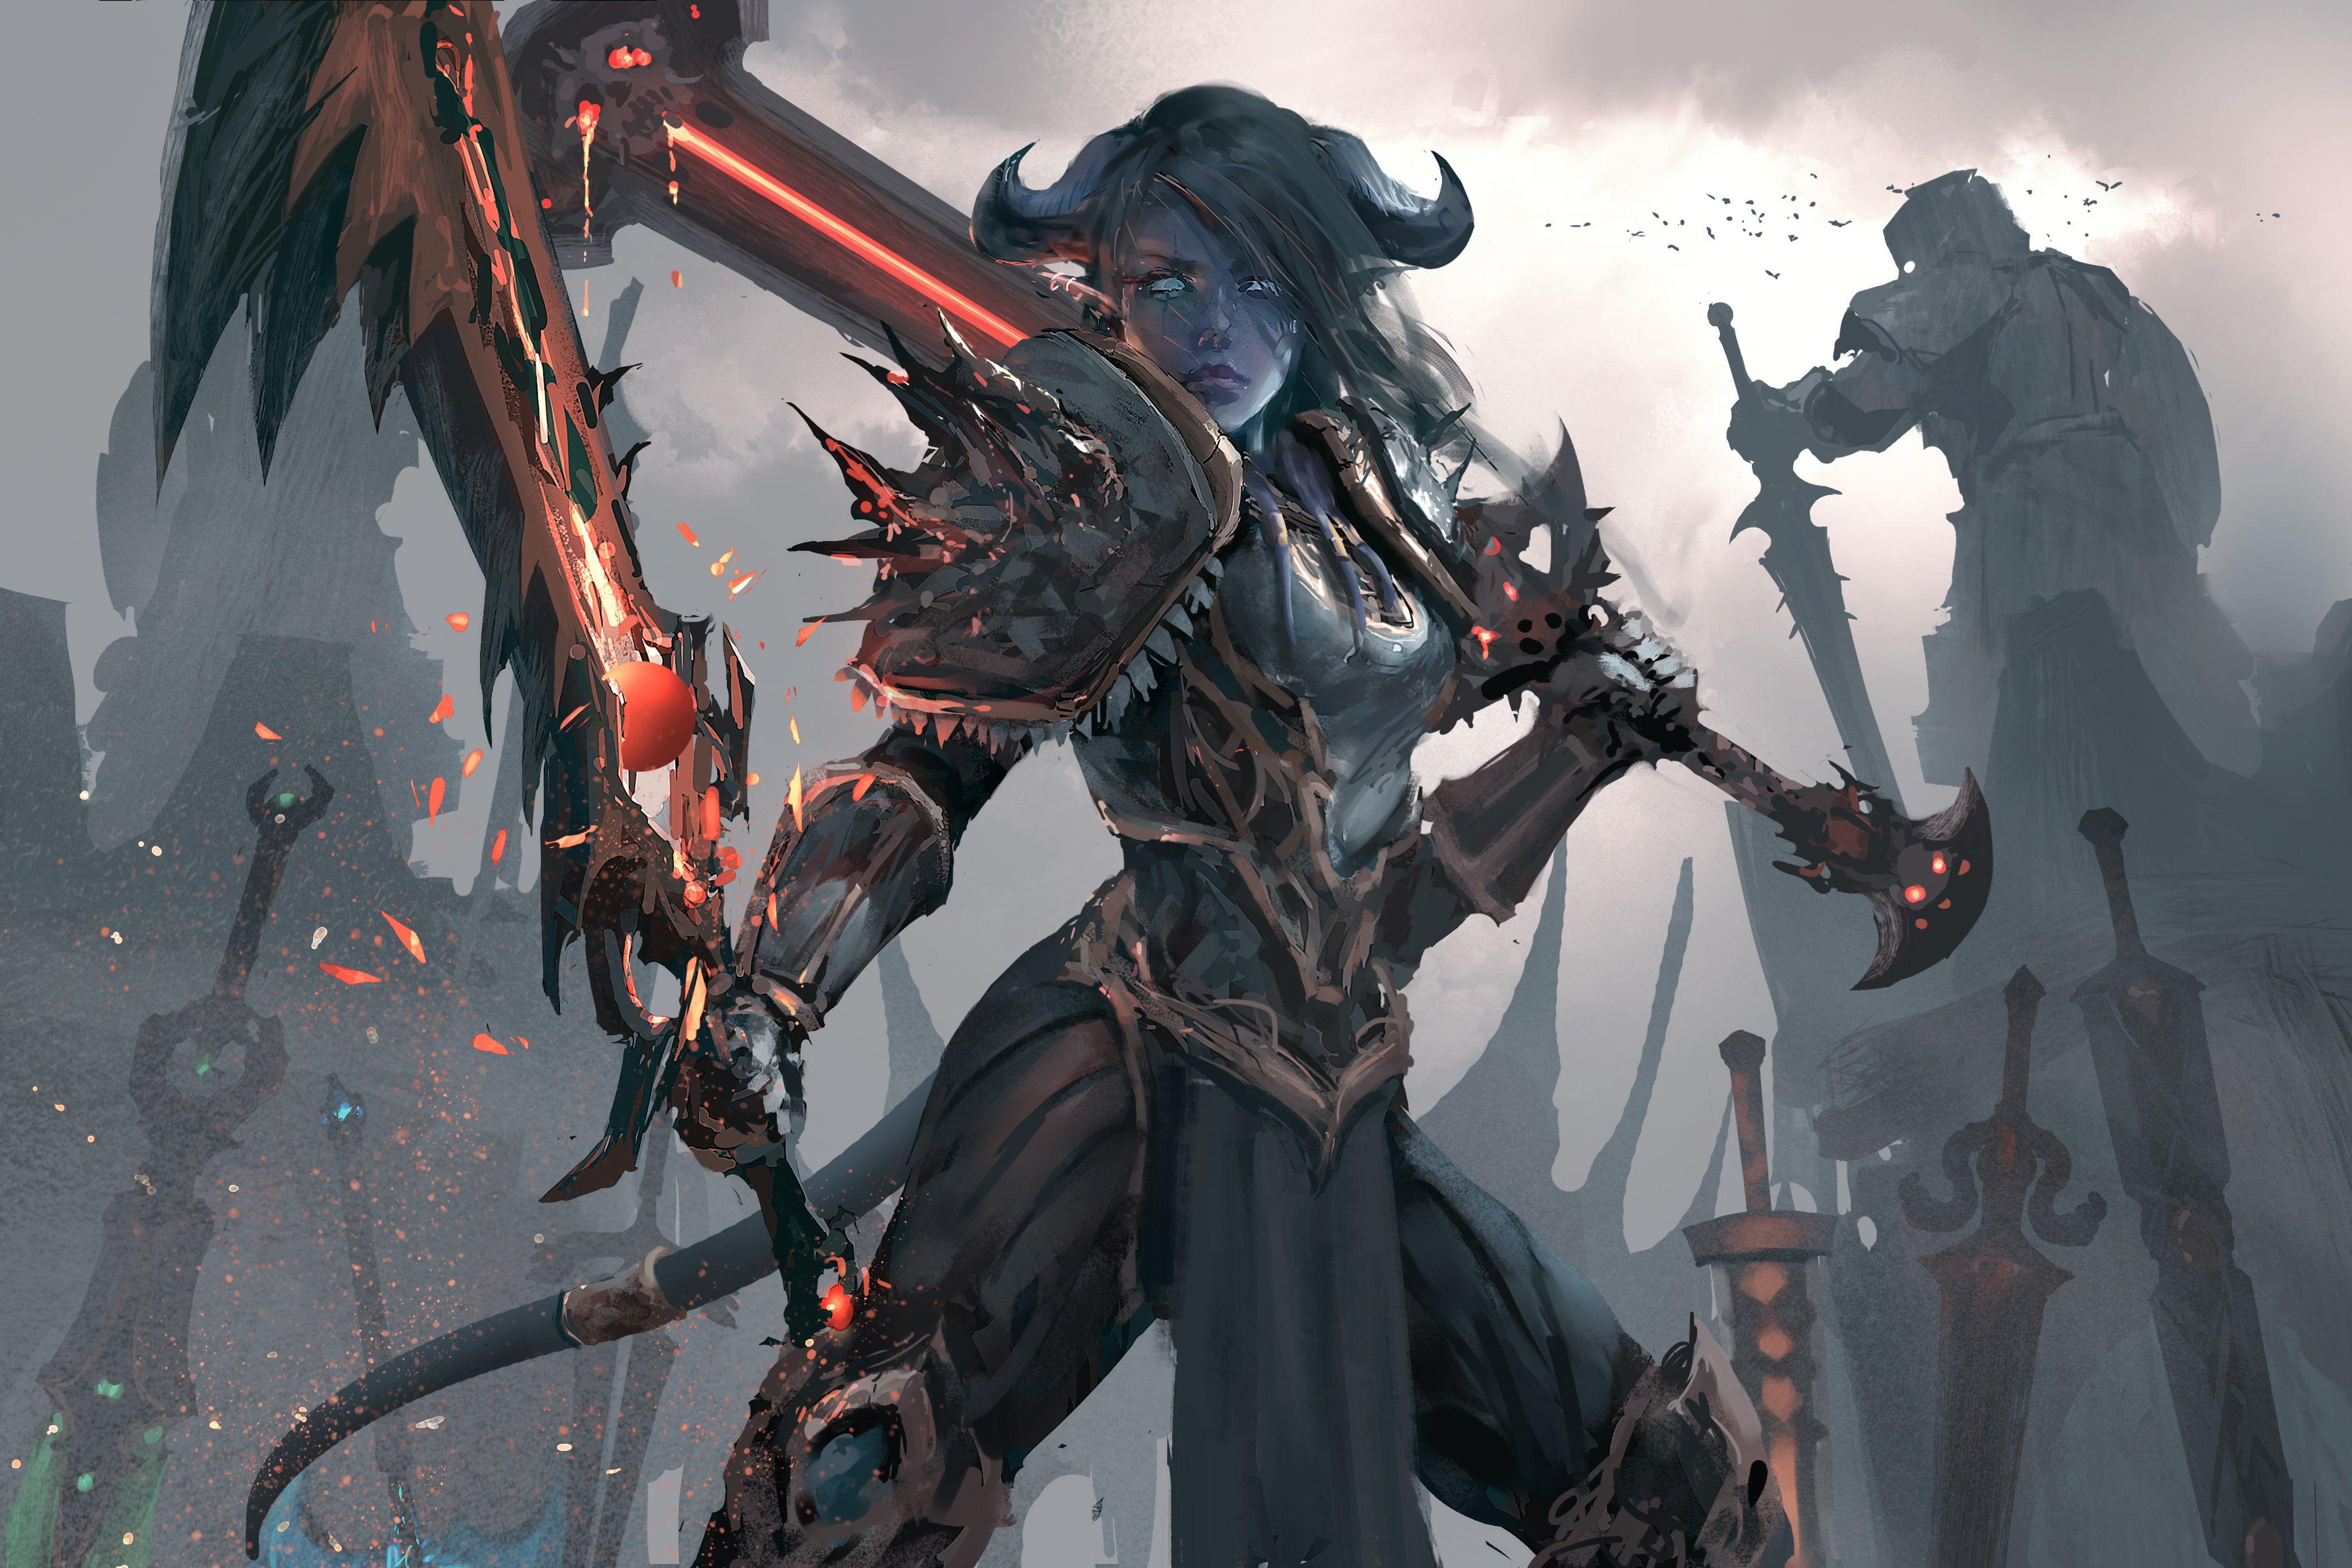 Warcraft World Of Warcraft Armor Draenei World Of Warcraft